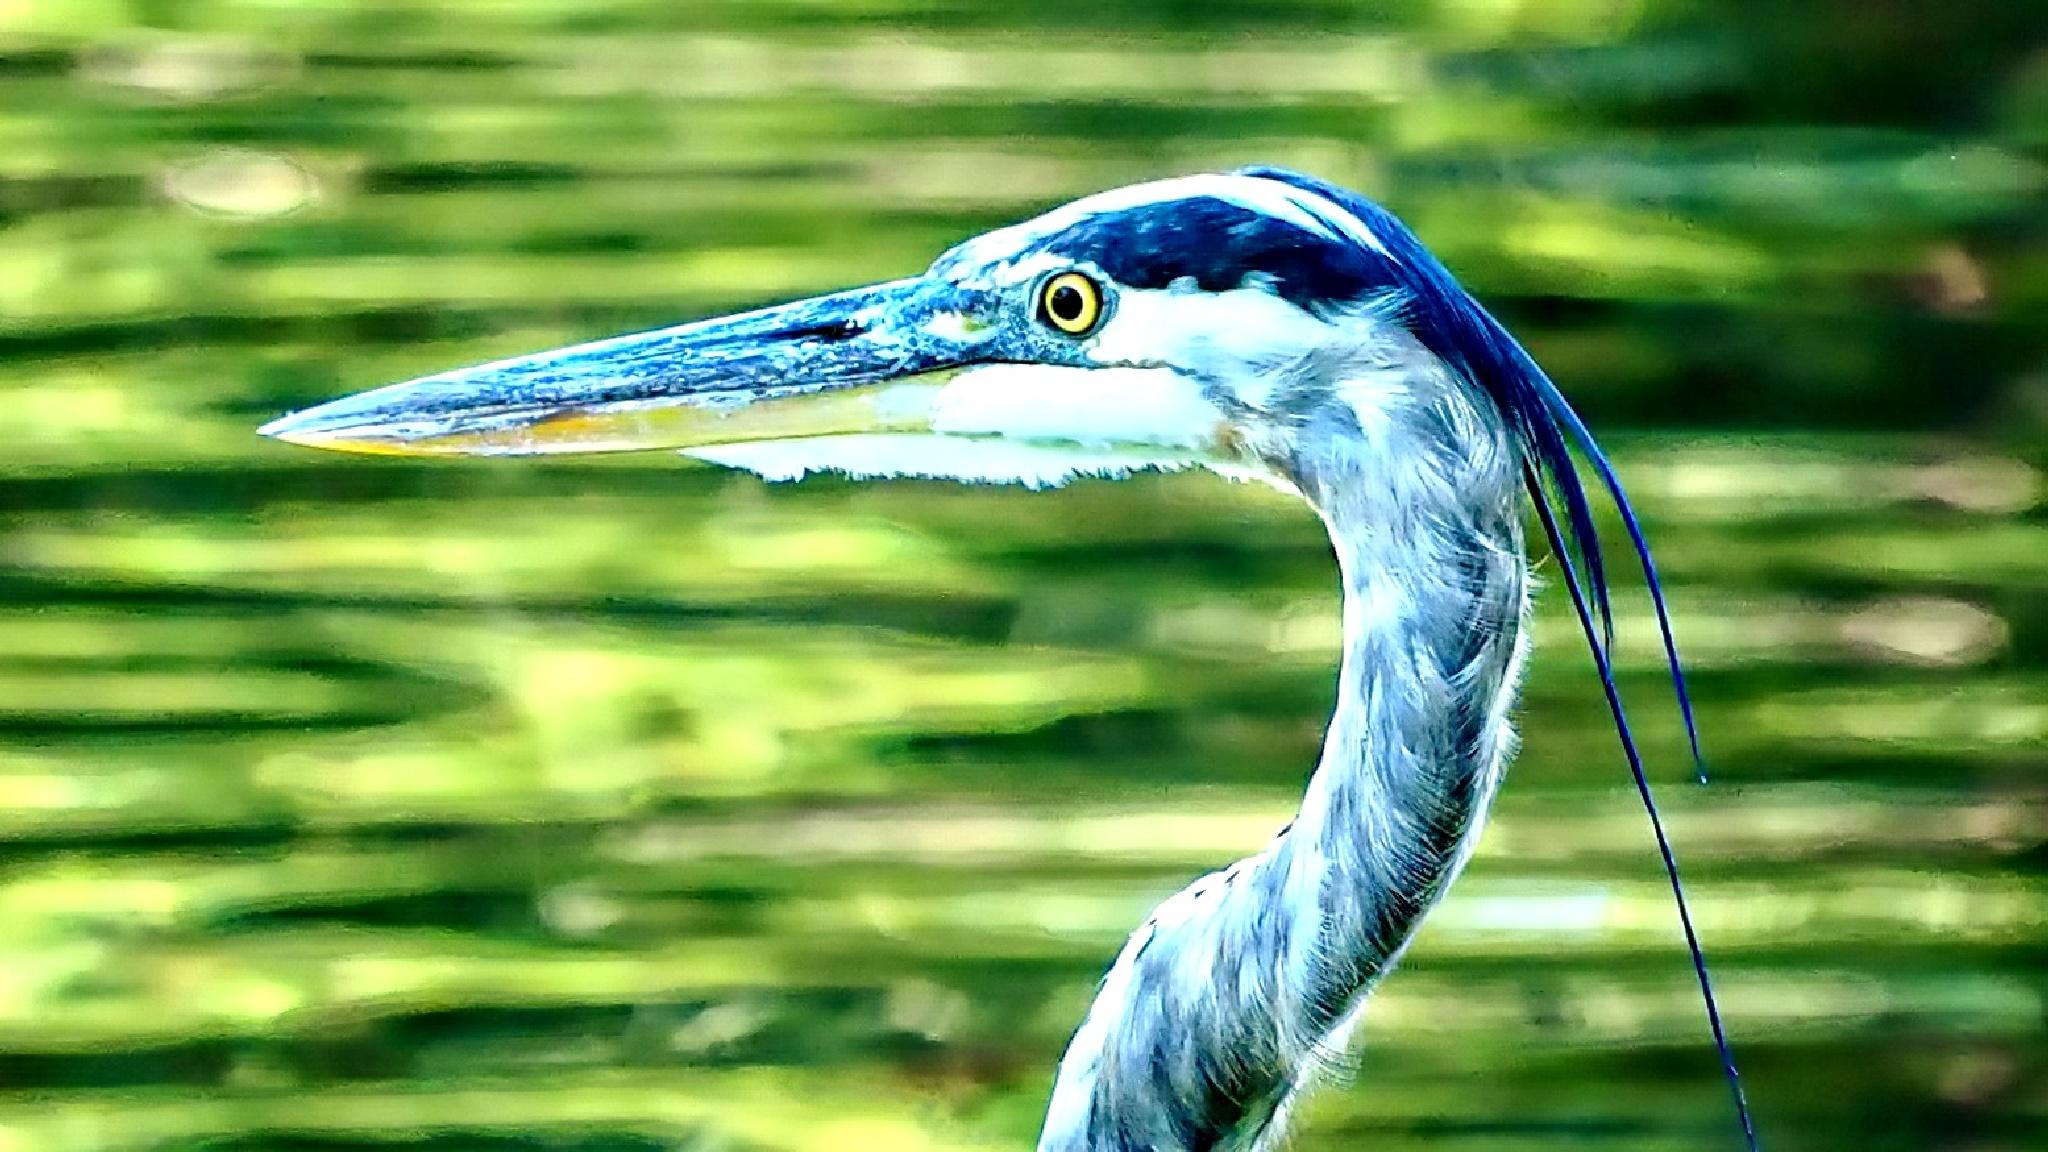 Blue Heron by william.l.bosley